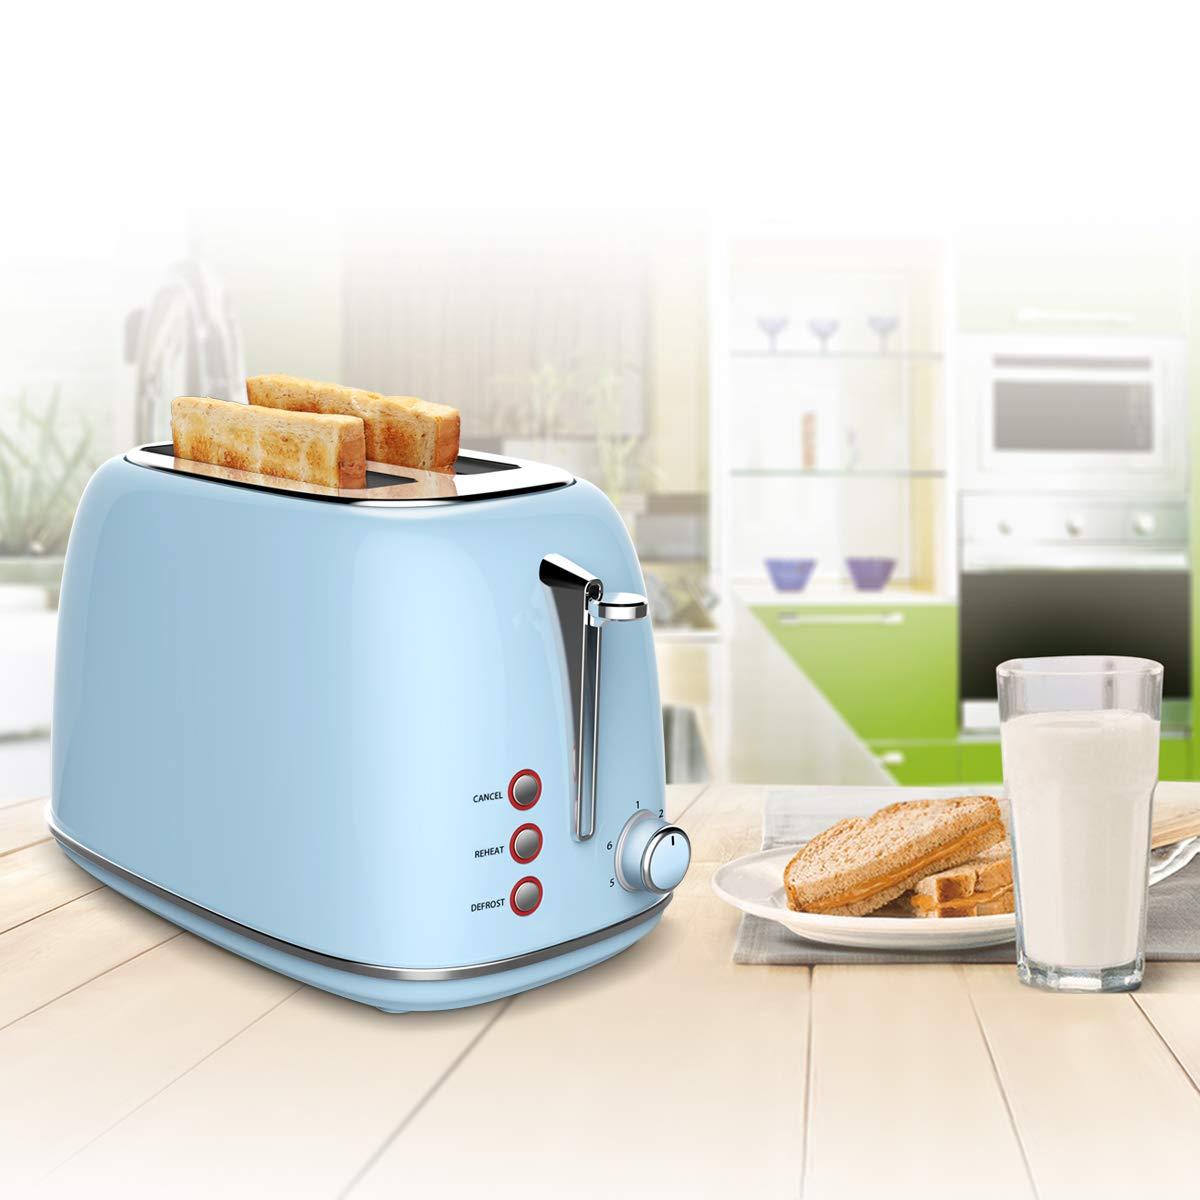 Toaster Grille-Pain 2 Fentes Acier Inoxydable,Morpilot 6 Niveaux Réglables,3 en 1 de Fonctions de Grille-pain,Décongeler,Réchauffer,815W Rapide Fonction